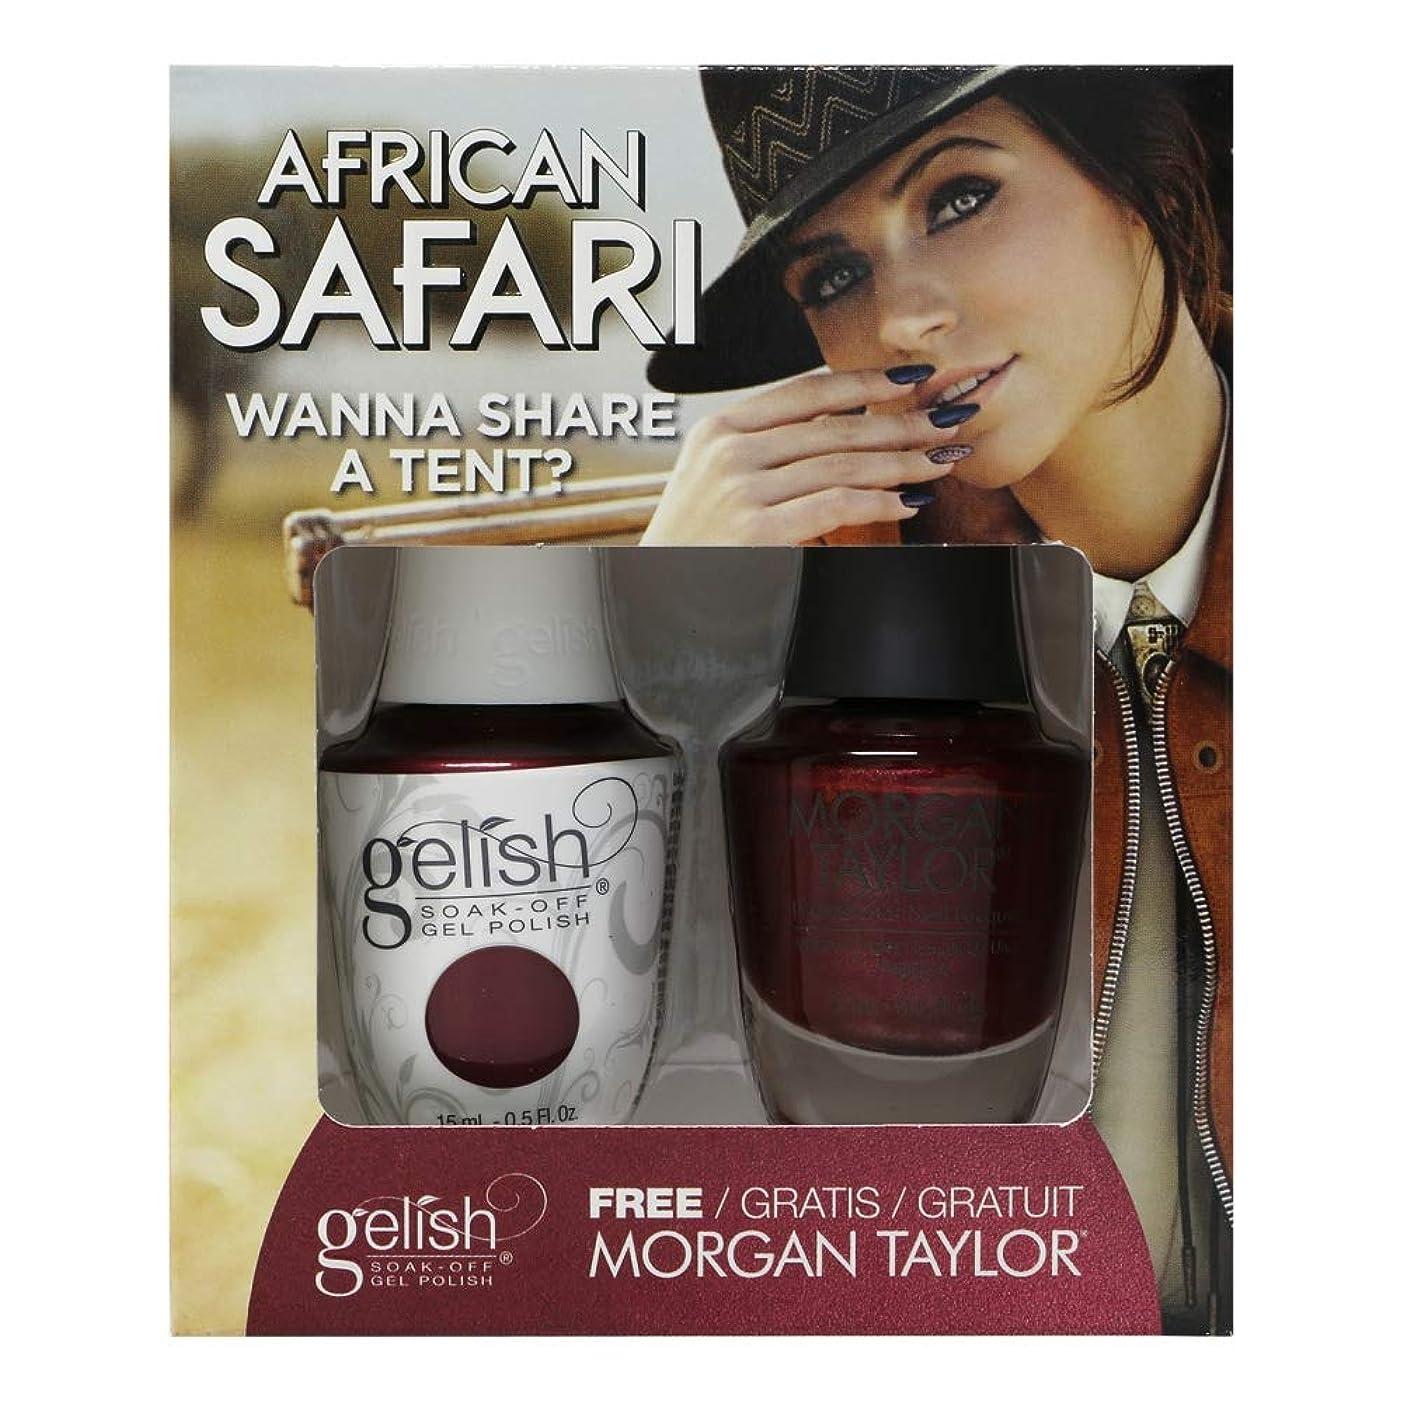 奇妙な衣類壊すGelish - Two of a Kind - African Safari Collection - Wanna Share a Tent?